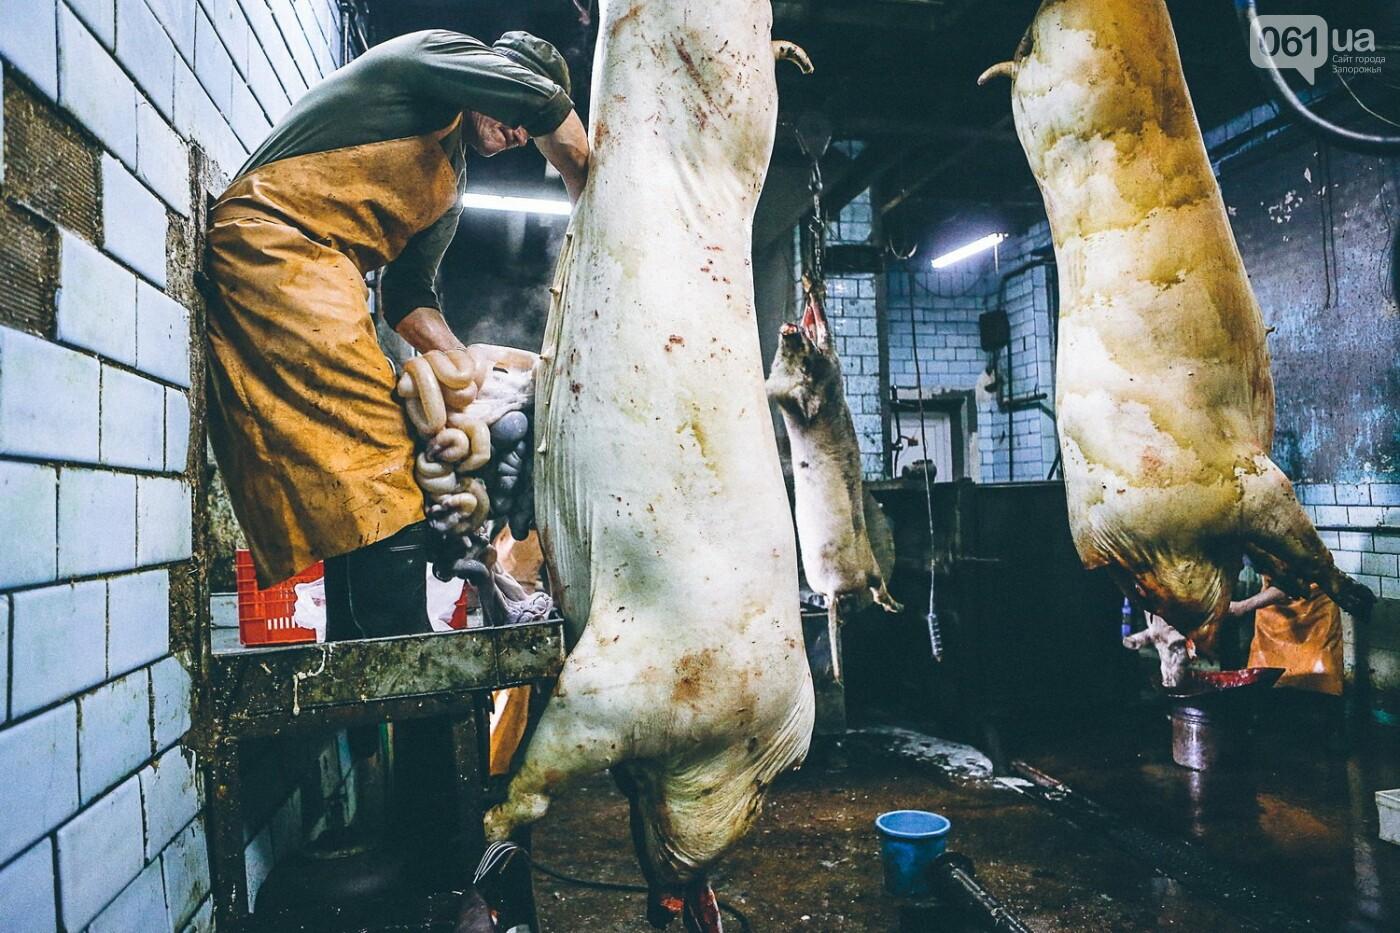 Забой скота в Украине приходит к европейским стандартам - ФОТОРЕПОРТАЖ 18+, фото-11